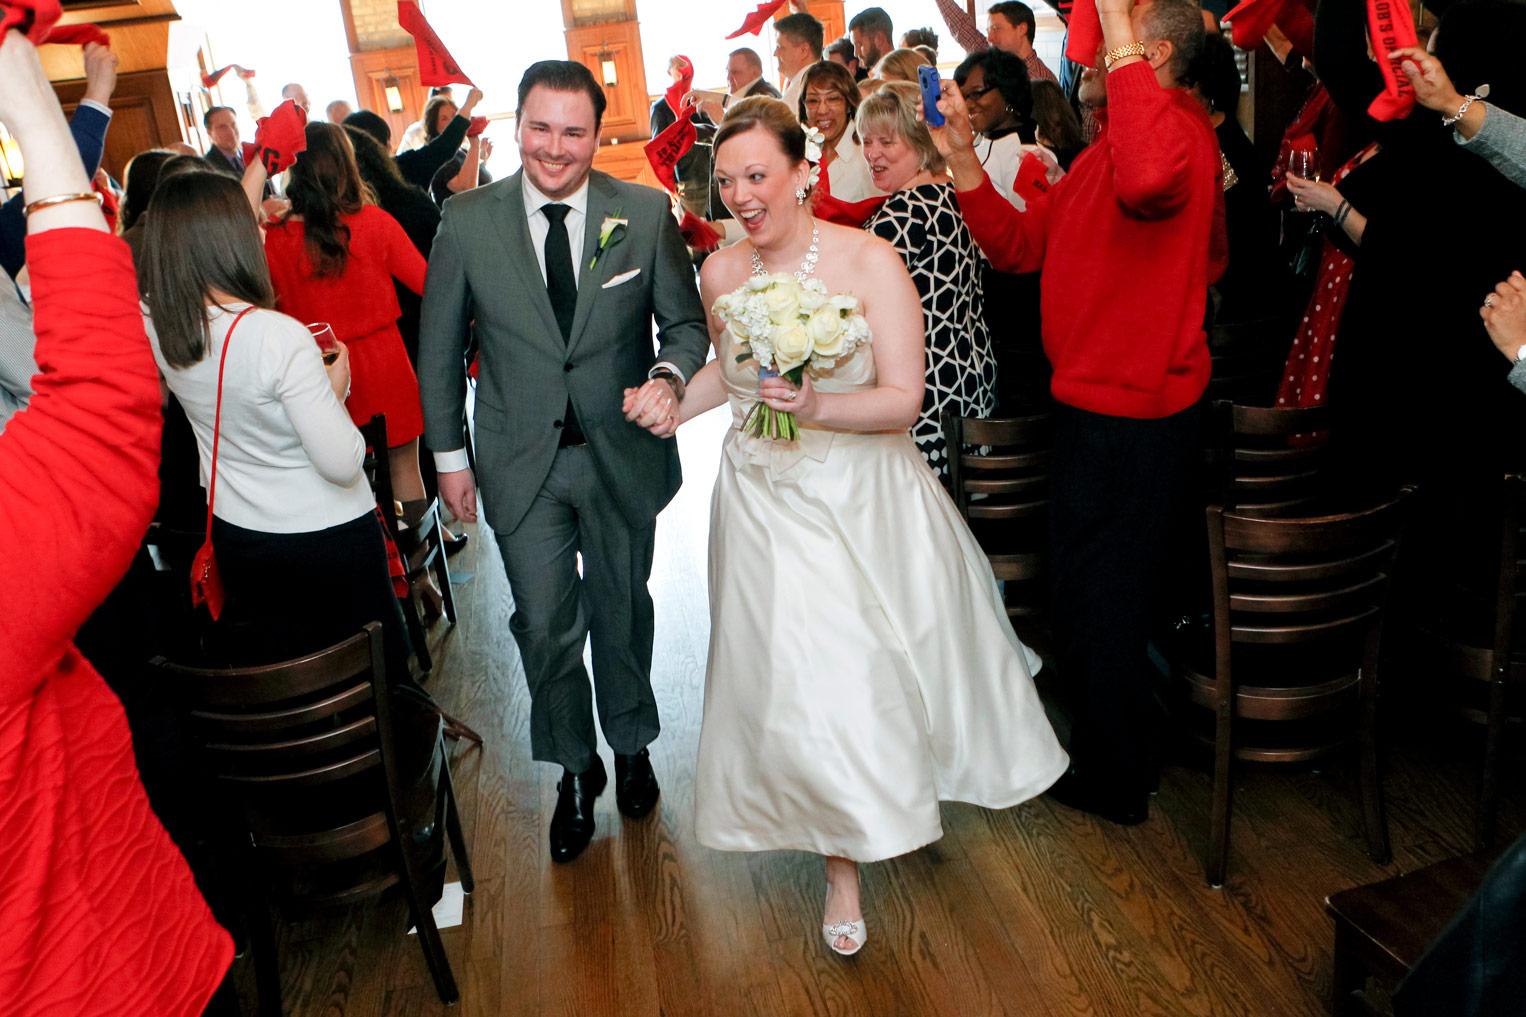 revolution-brewing-chicago-blackhawks-wedding-ruthie-hauge-photography-49.jpg